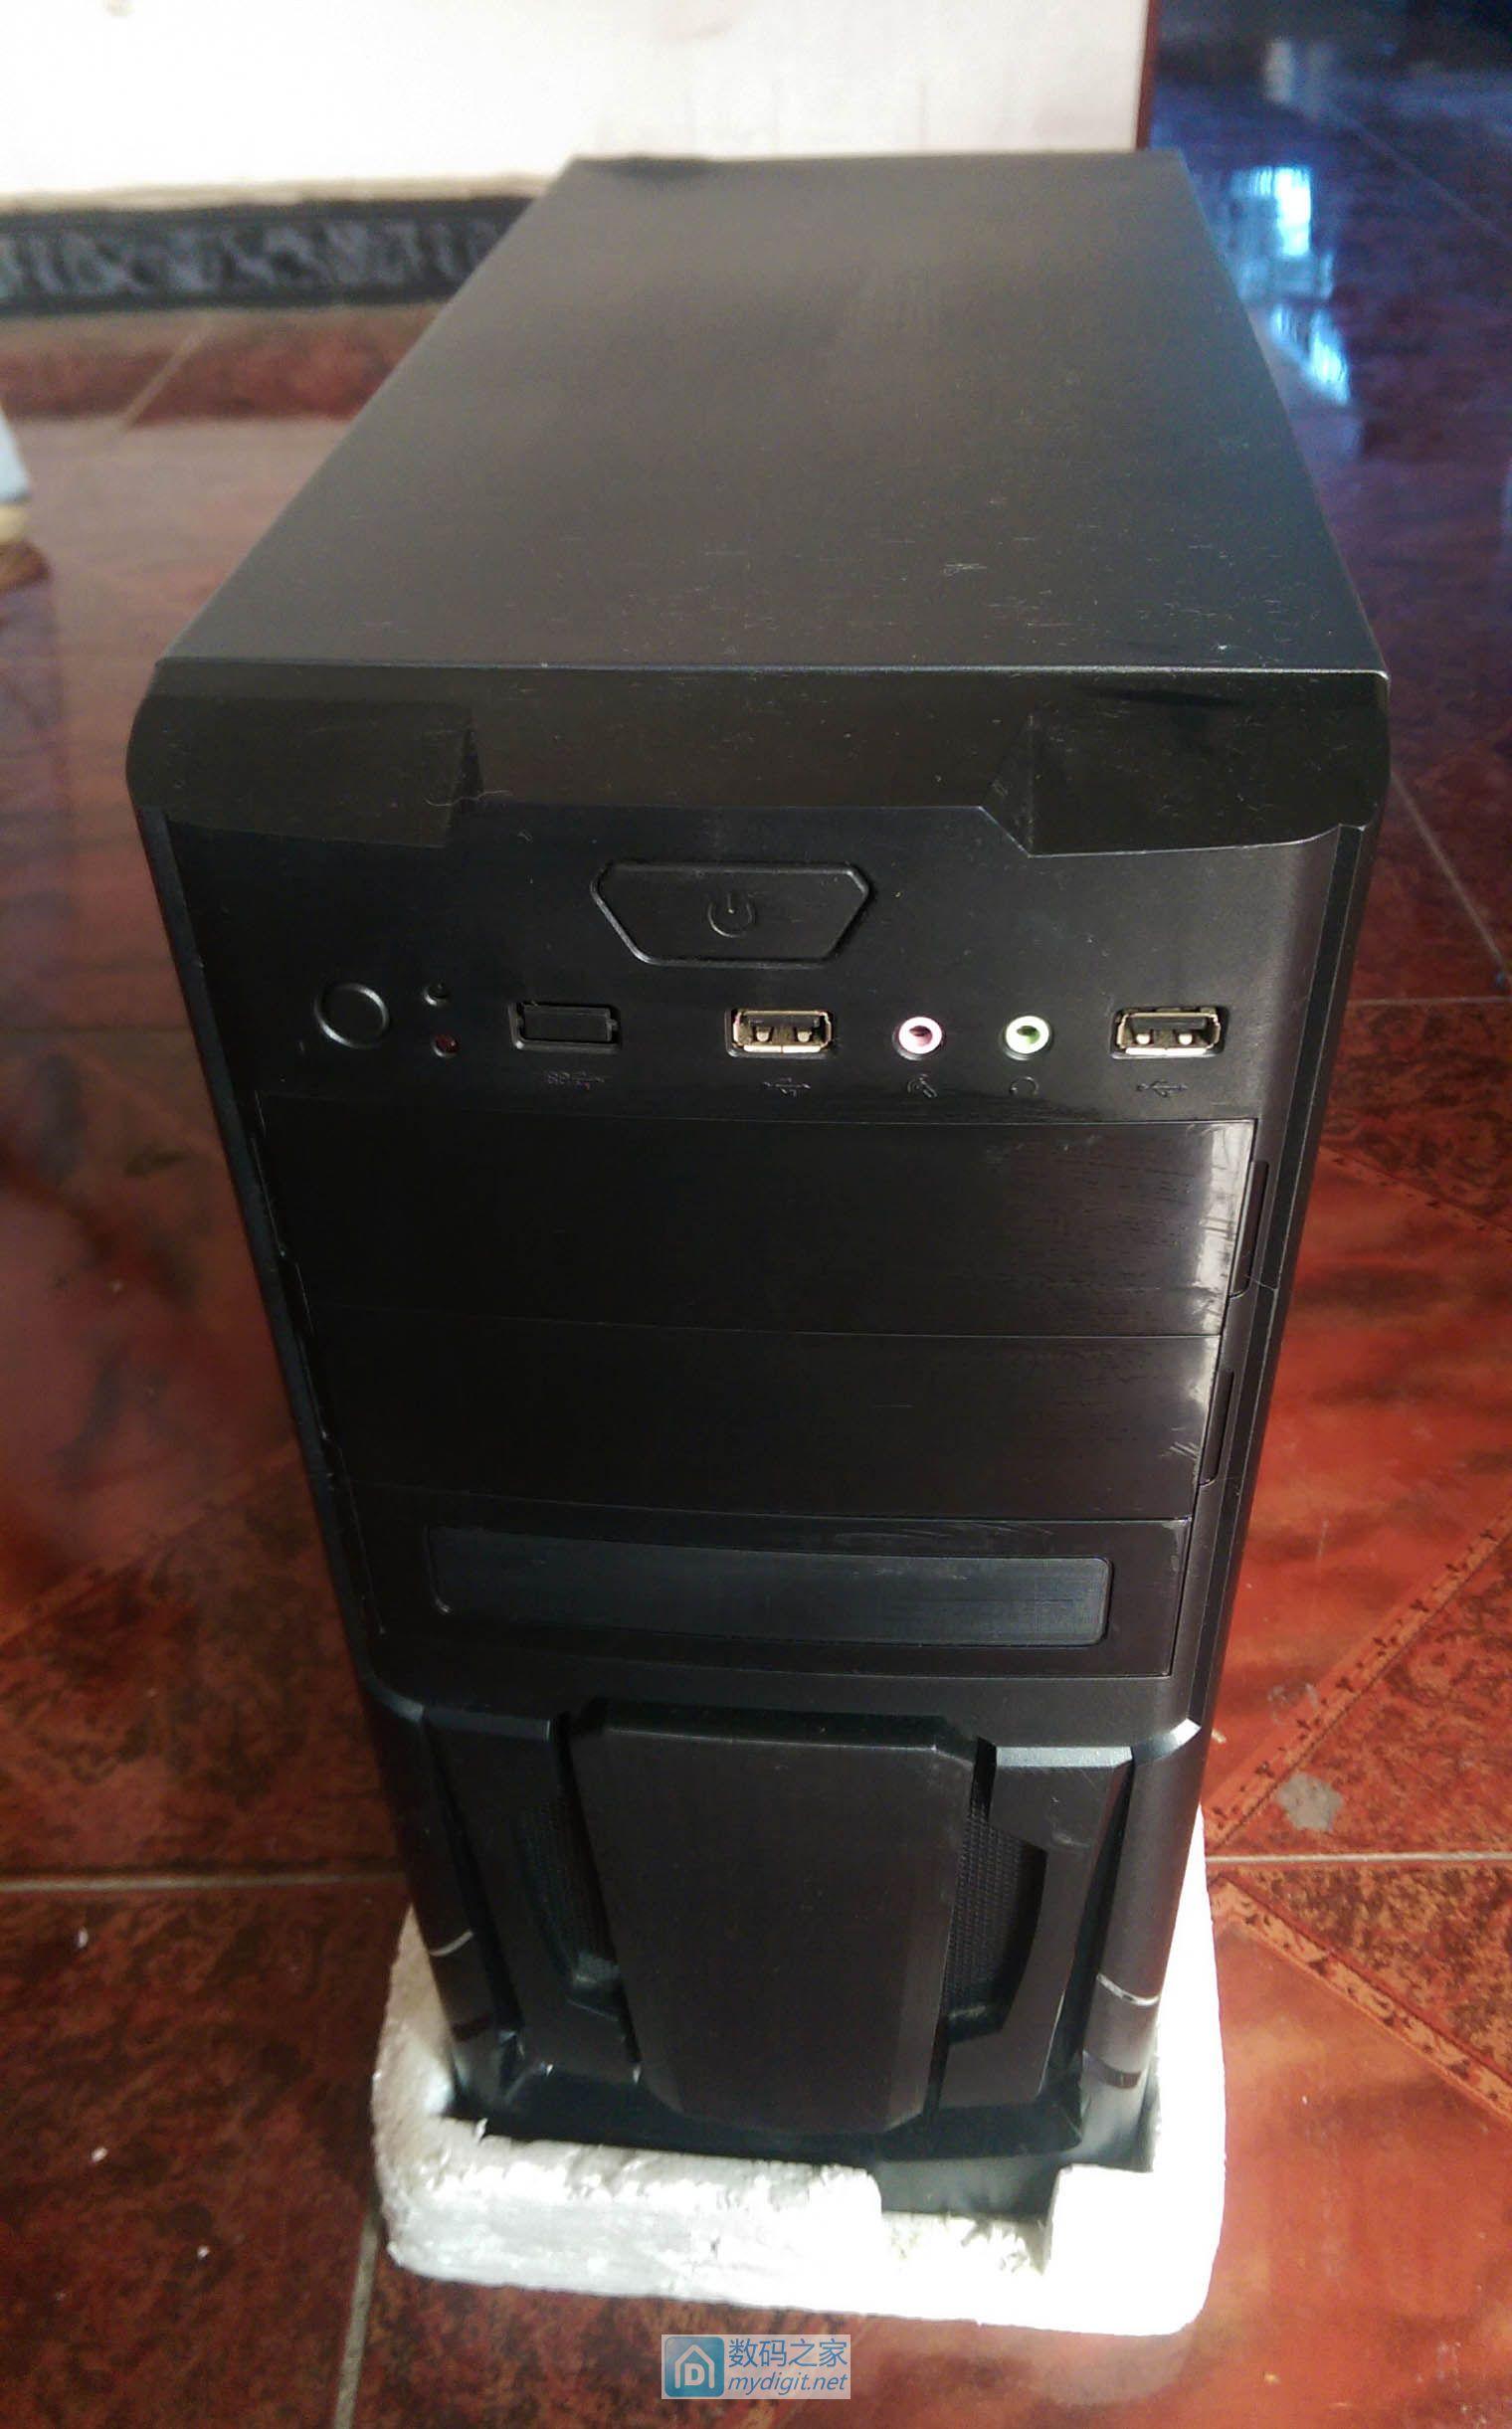 低价出售两套办公台式电脑,运行流畅,价格优惠,进来看看